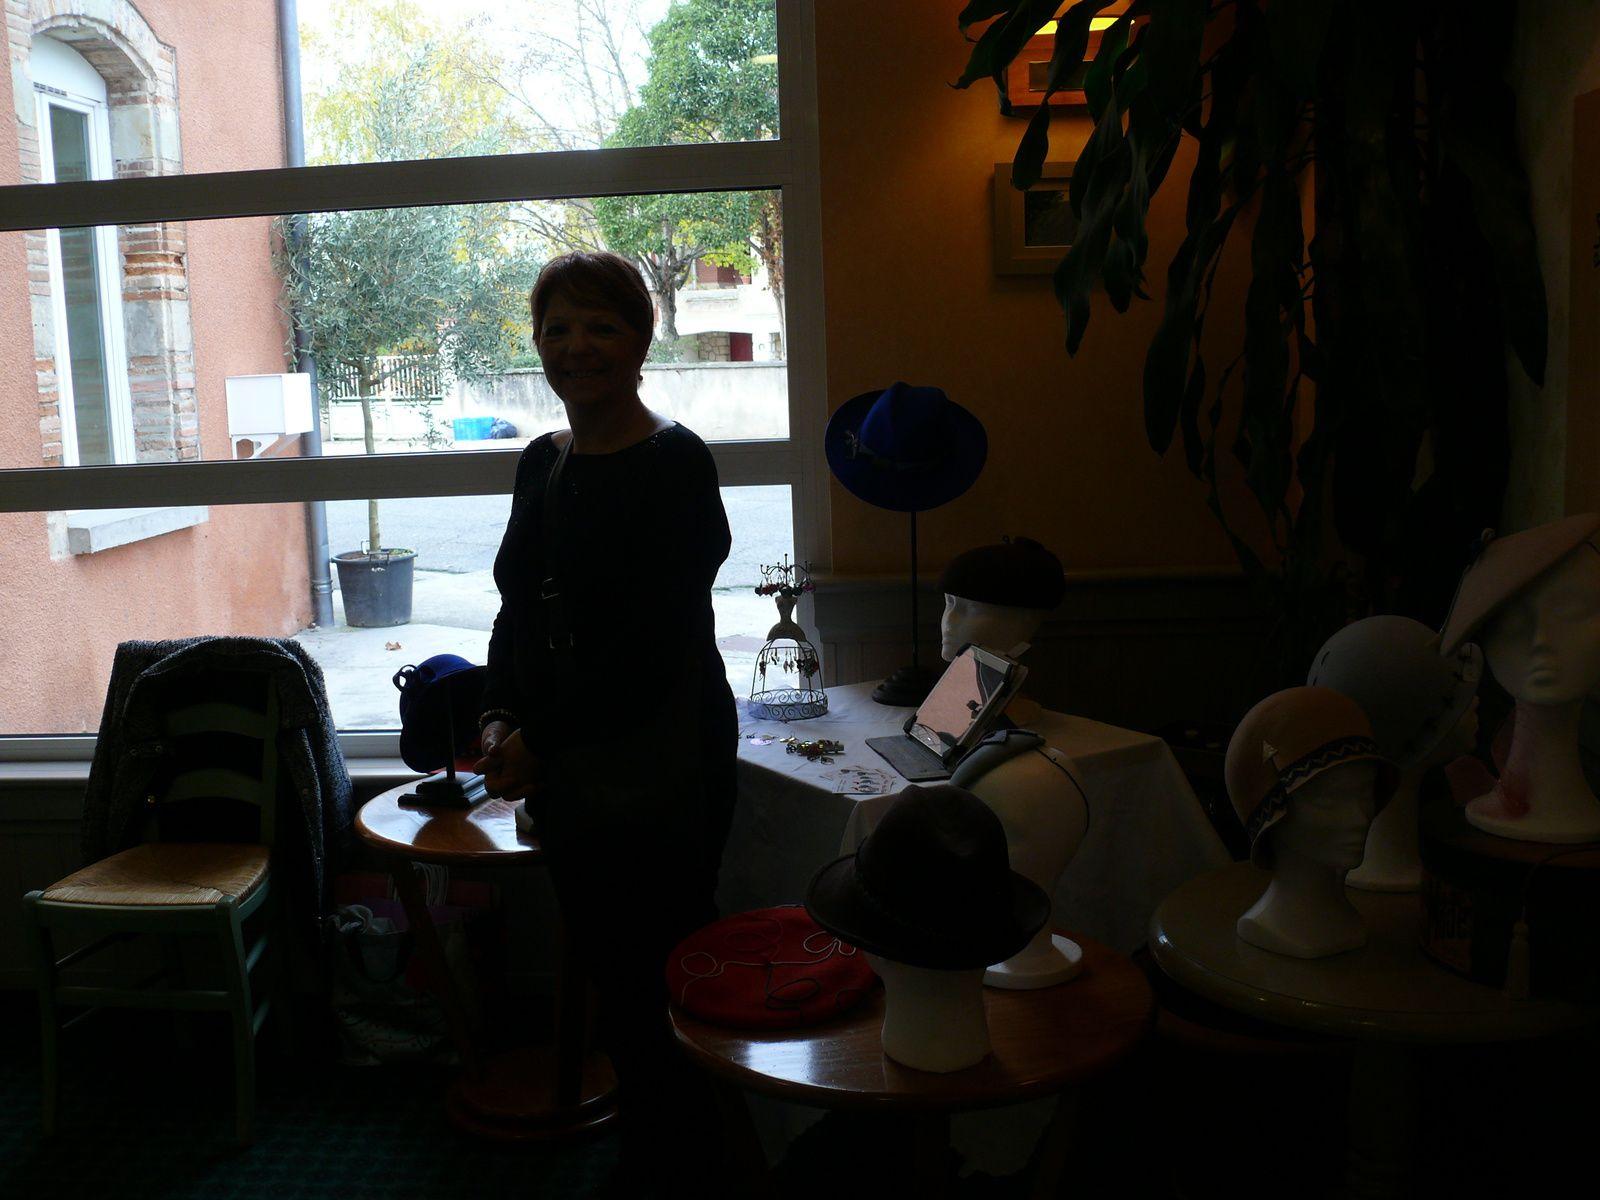 micro marché de l'hôtel ibis à lavaur le 12/11